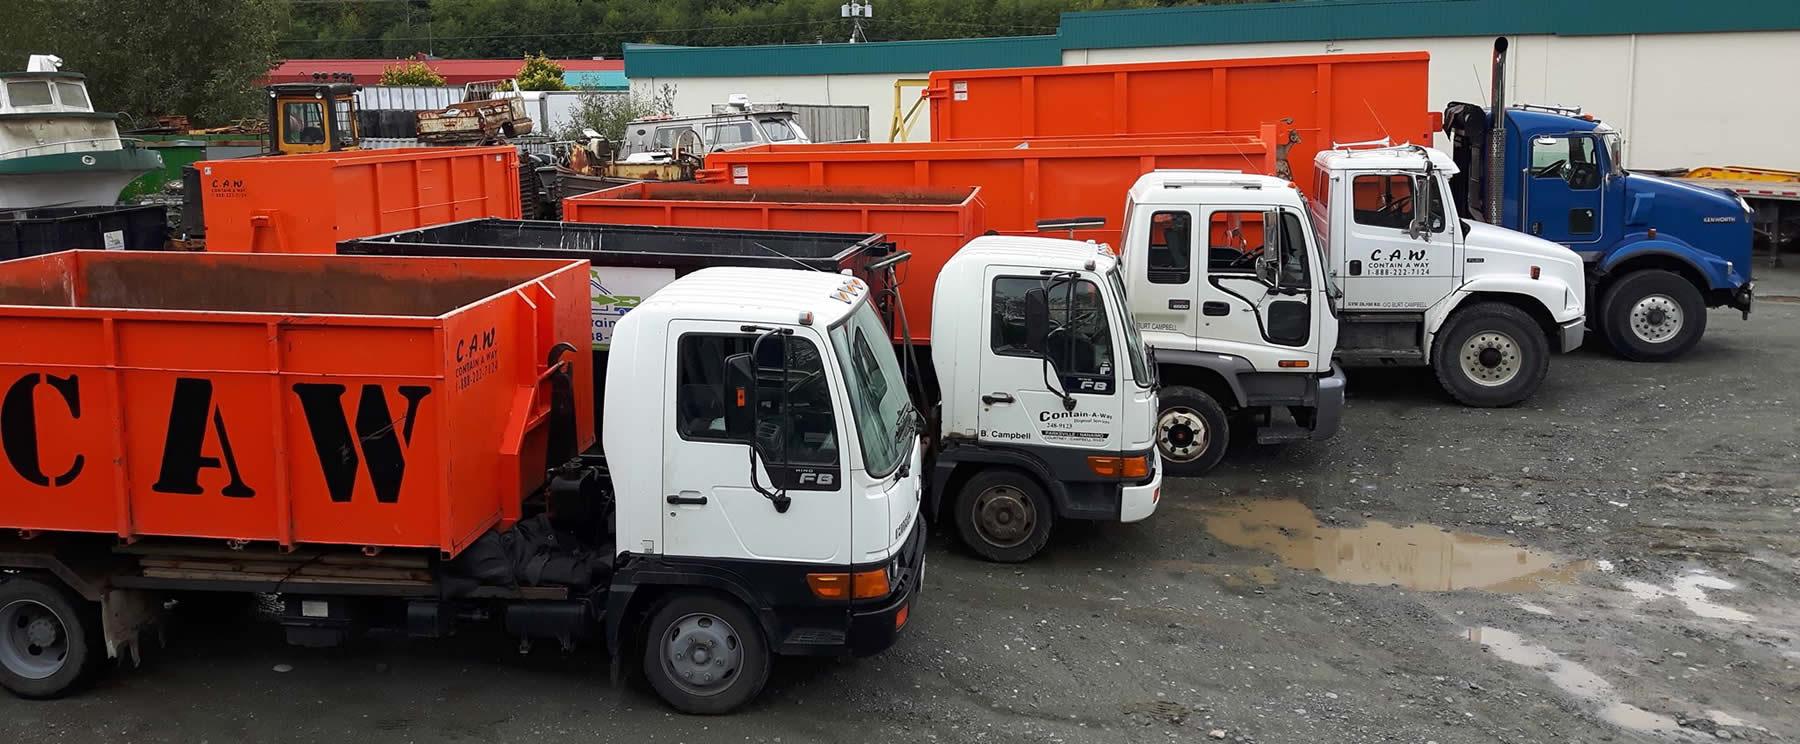 Contain-A-Way Disposal Services logo